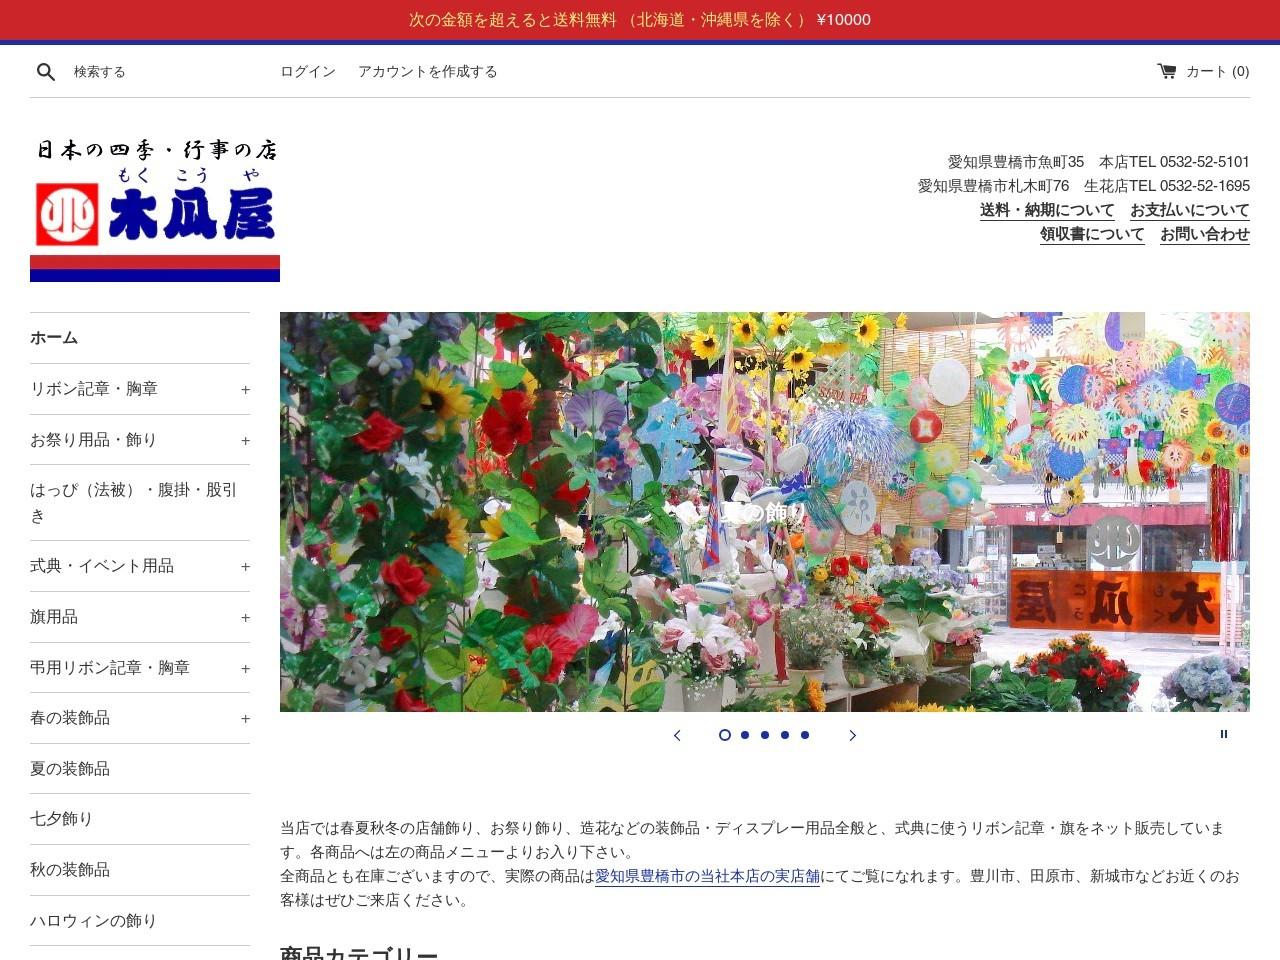 愛知県豊橋市 - (株)木瓜屋 - 結納 季節の飾り 盆提灯 花の販売